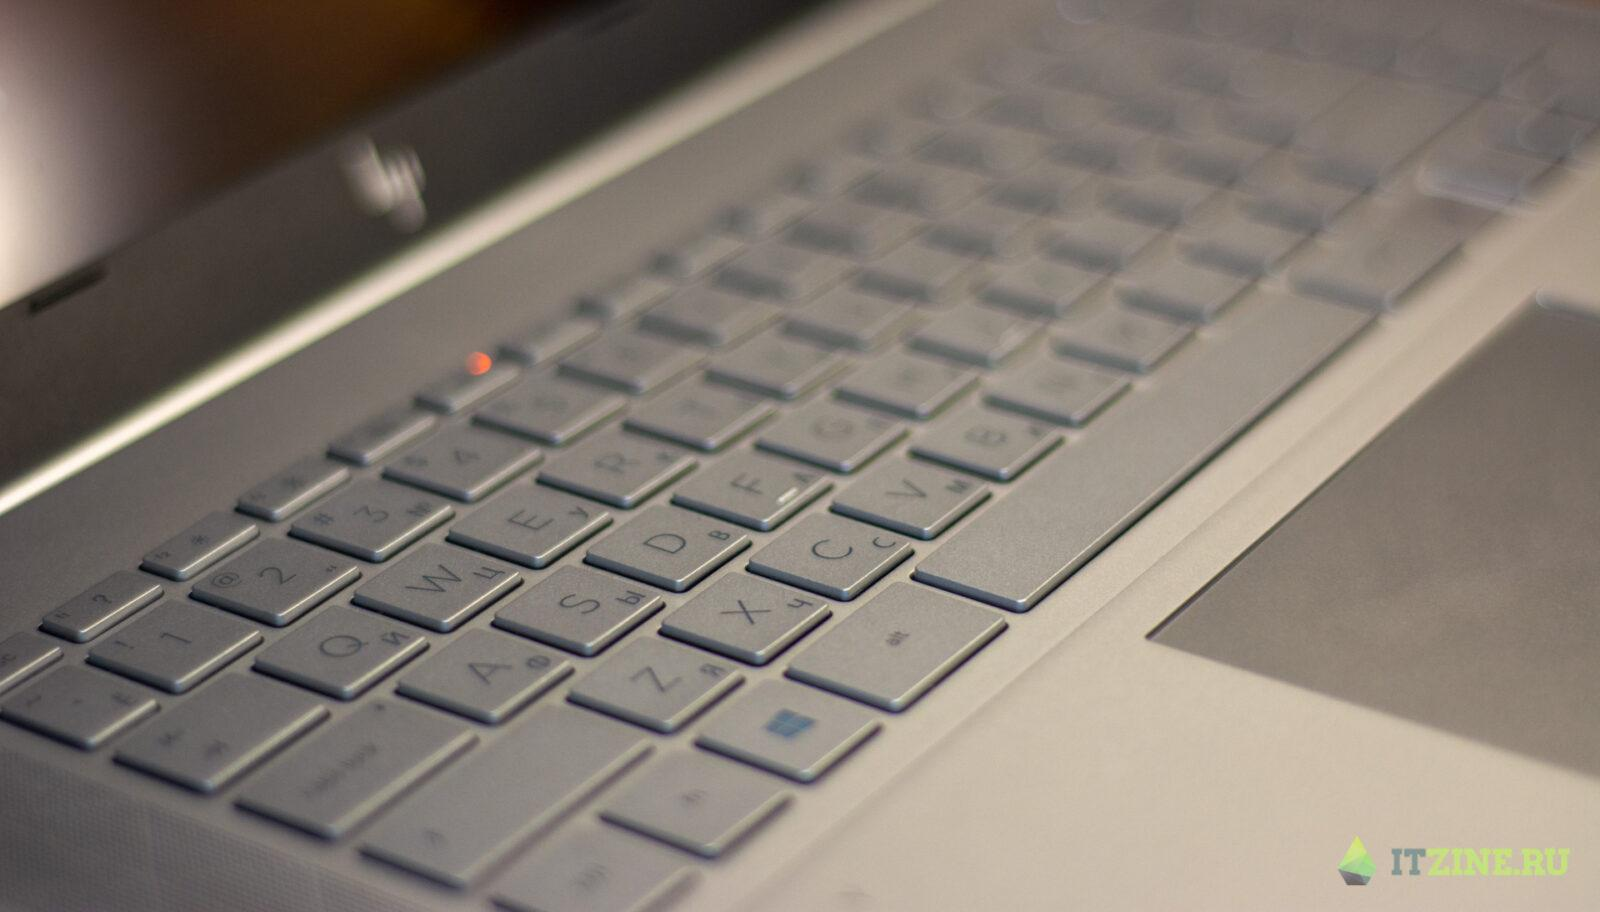 Обзор ноутбука HP Envy 15: мощь для создателей графического контента (hp envy 10)